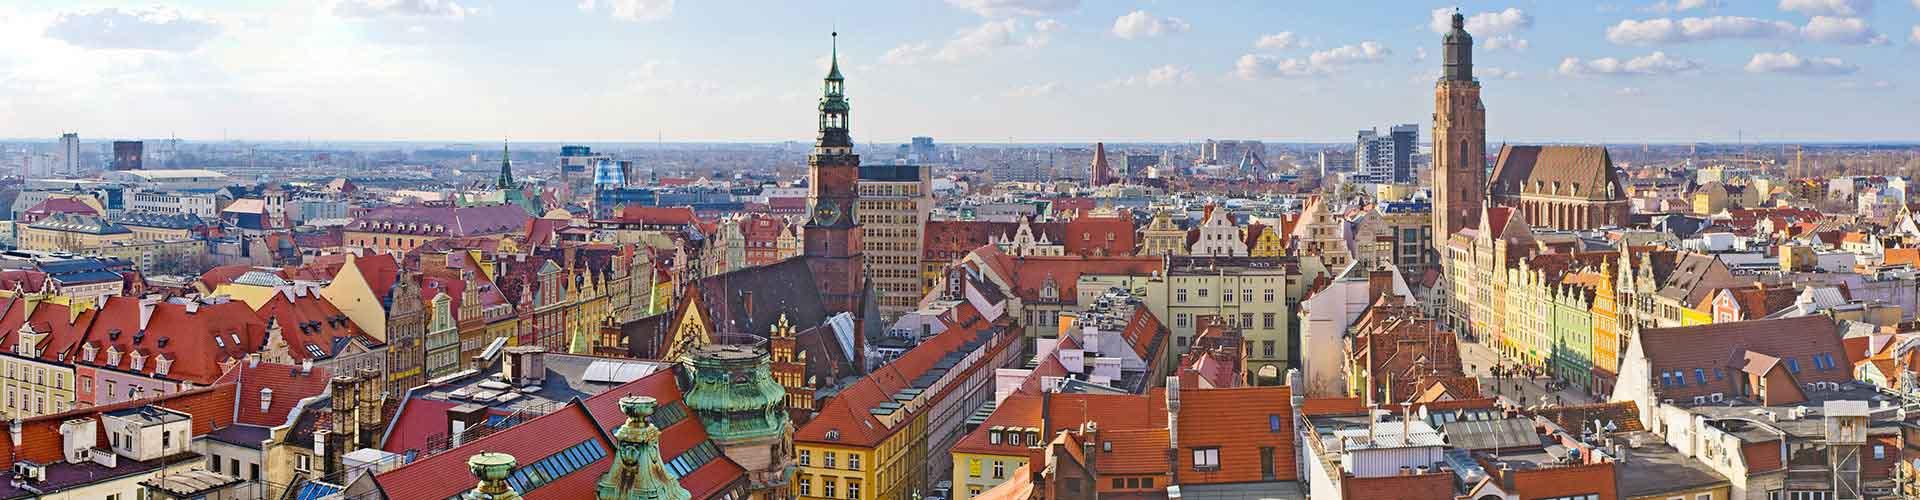 Wroclaw - hotely v Wroclaw. Mapy pro Wroclaw, fotky a recenze pro každý hotel - Wroclaw.